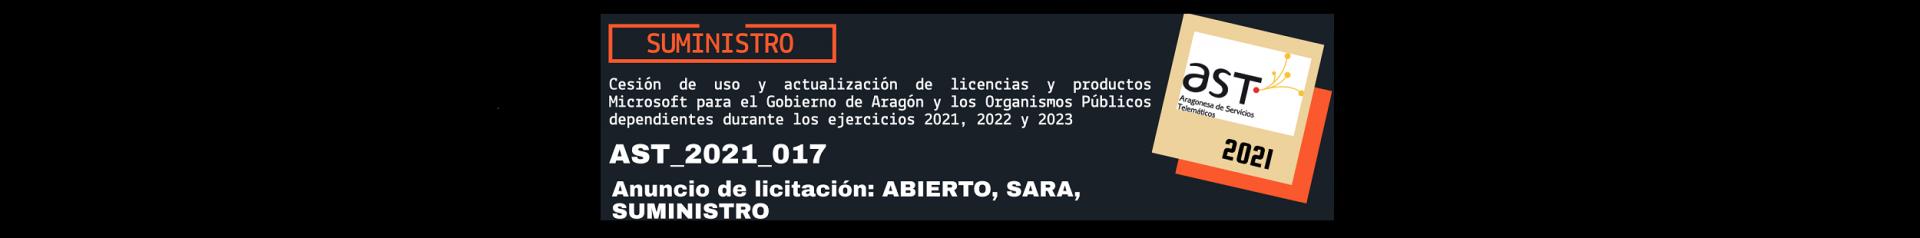 Imagen de licitación AST_2021_017